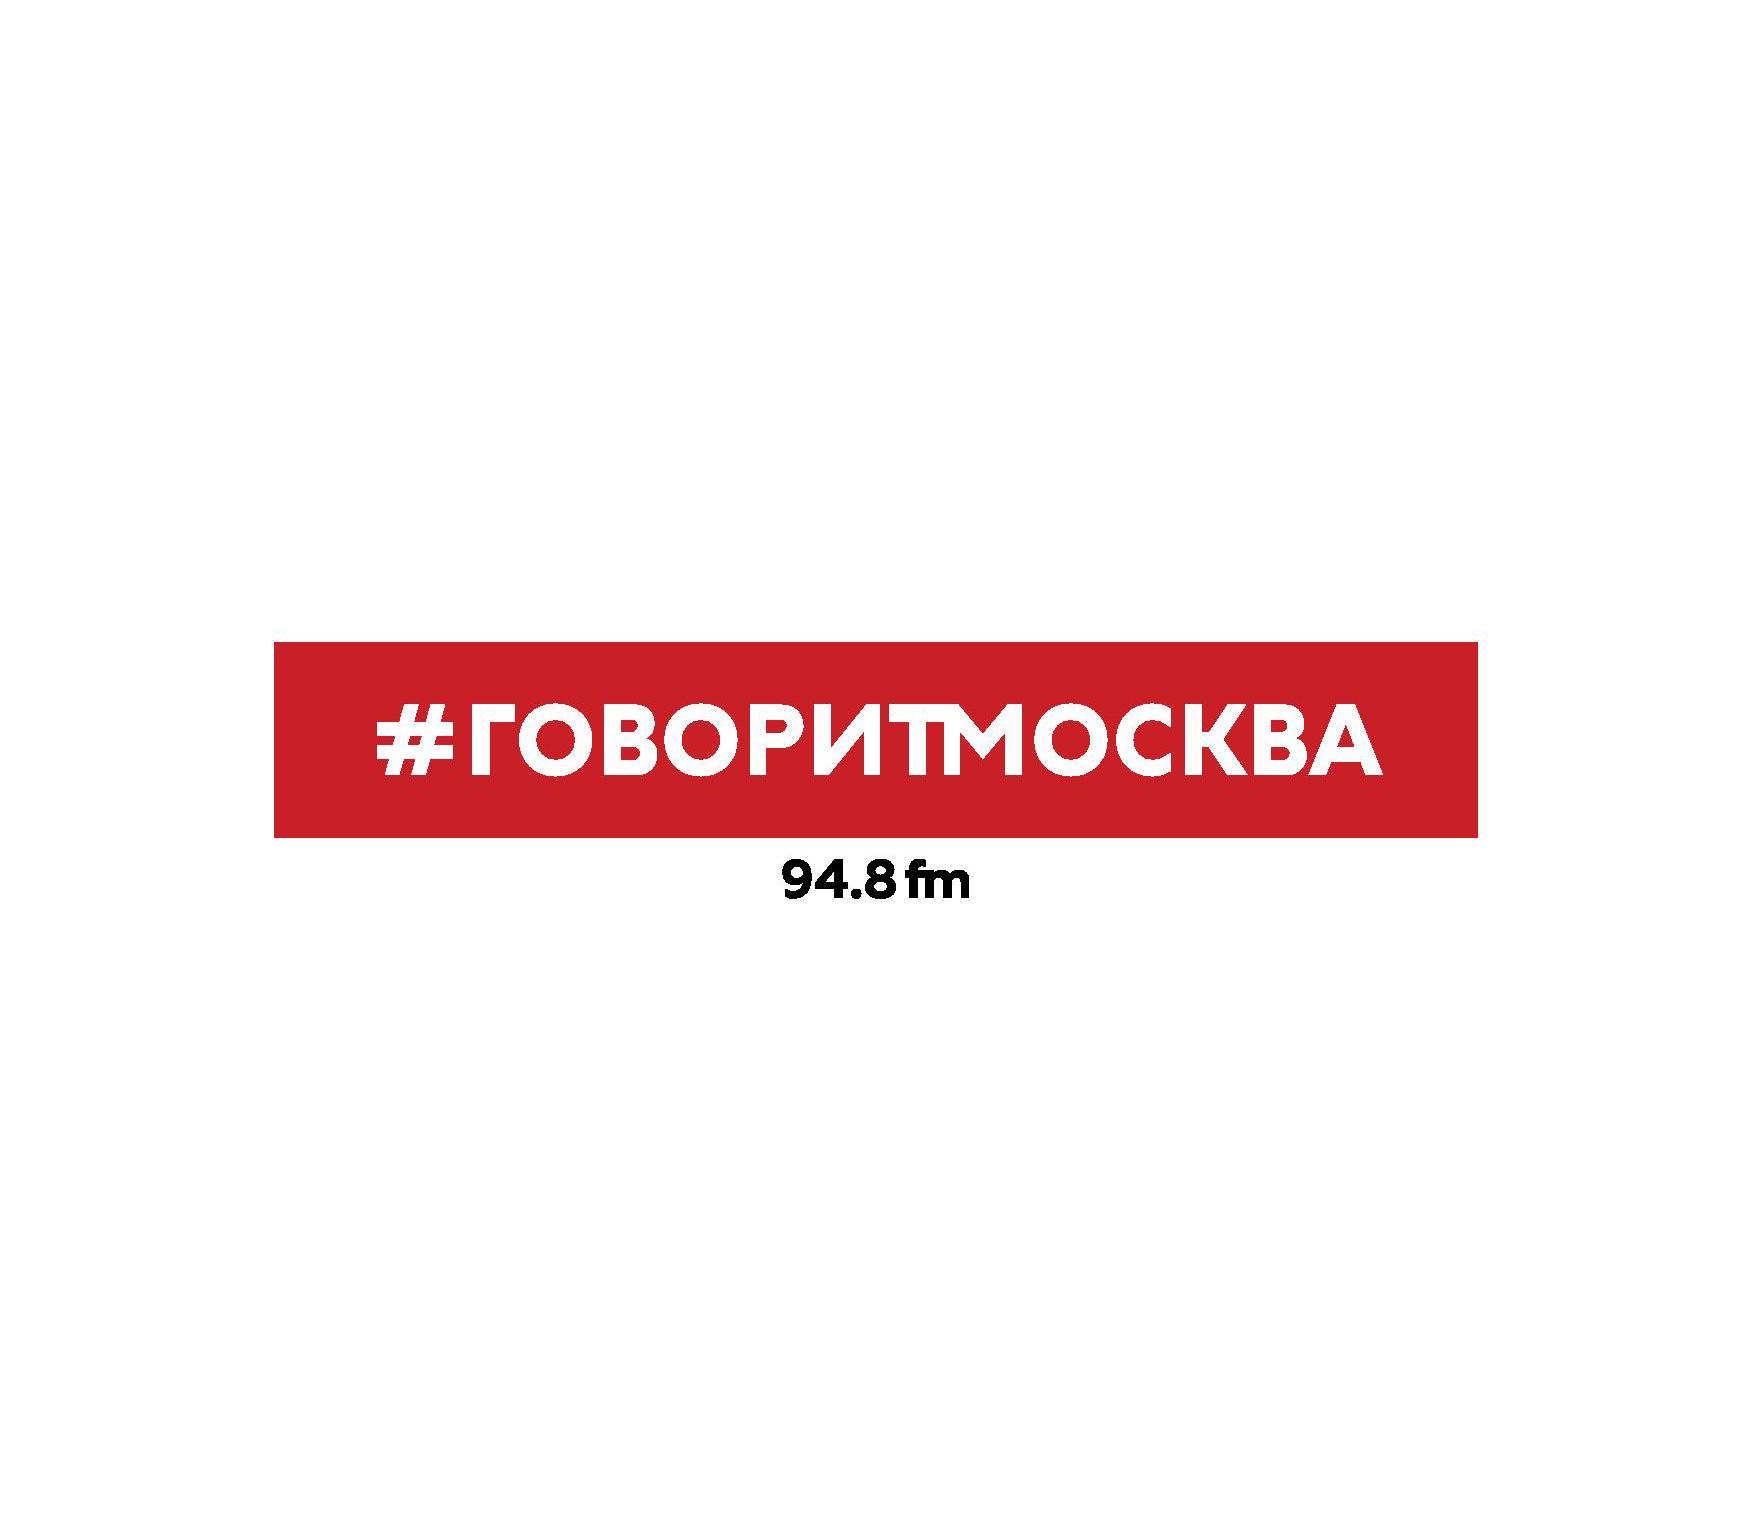 Макс Челноков 28 марта. Михаил Старшинов макс челноков 23 марта авигдор эскин